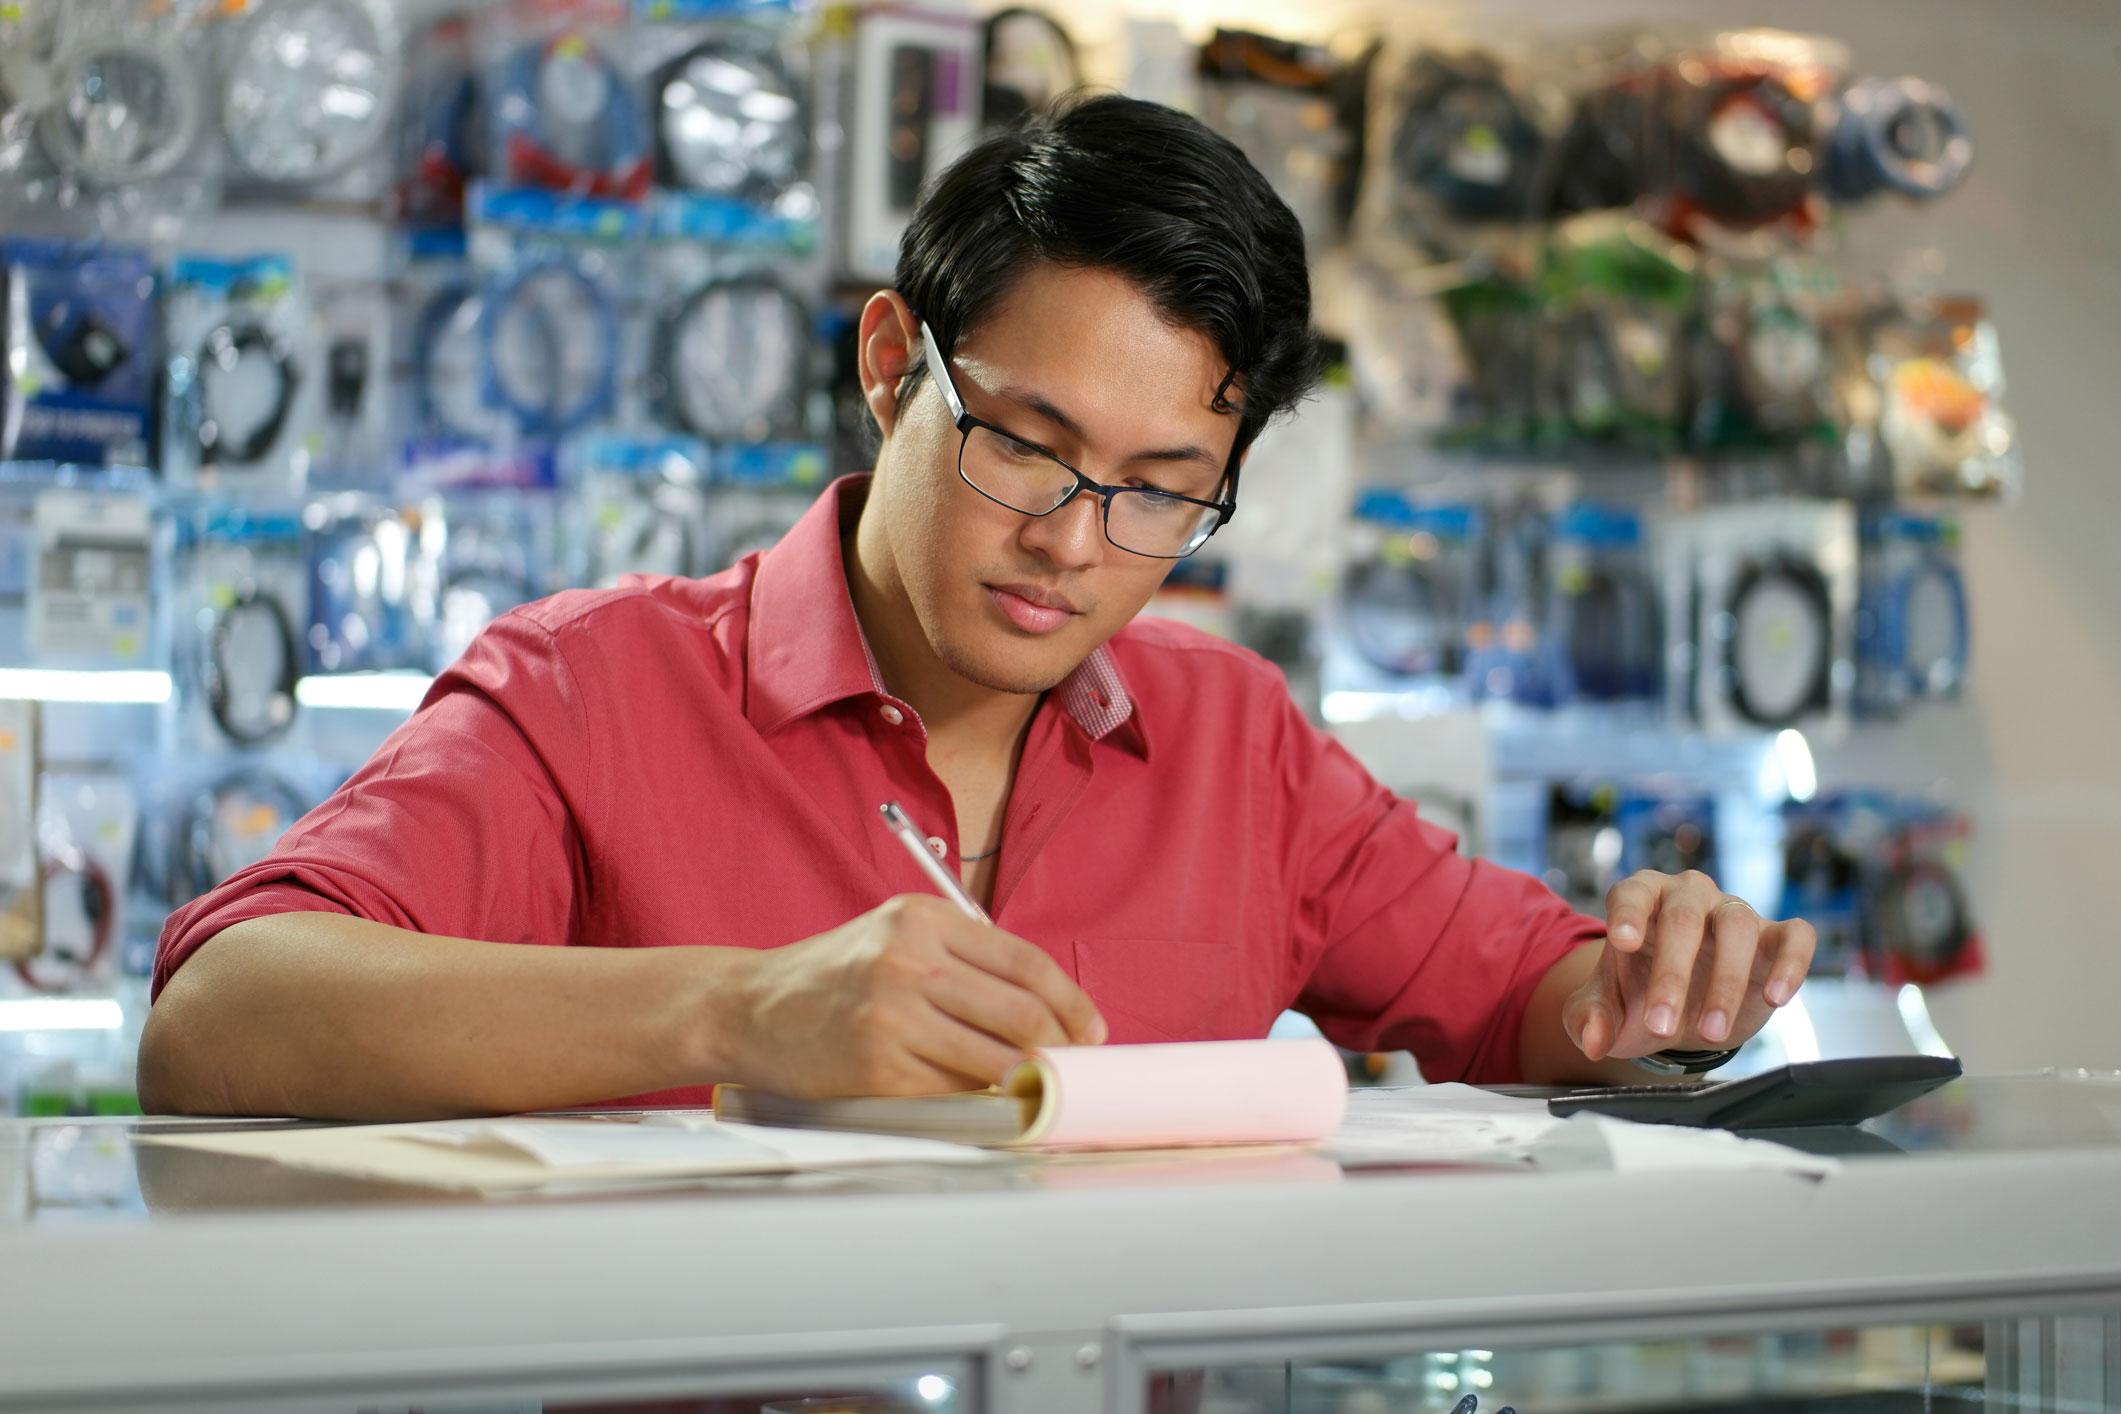 Store clerk writing